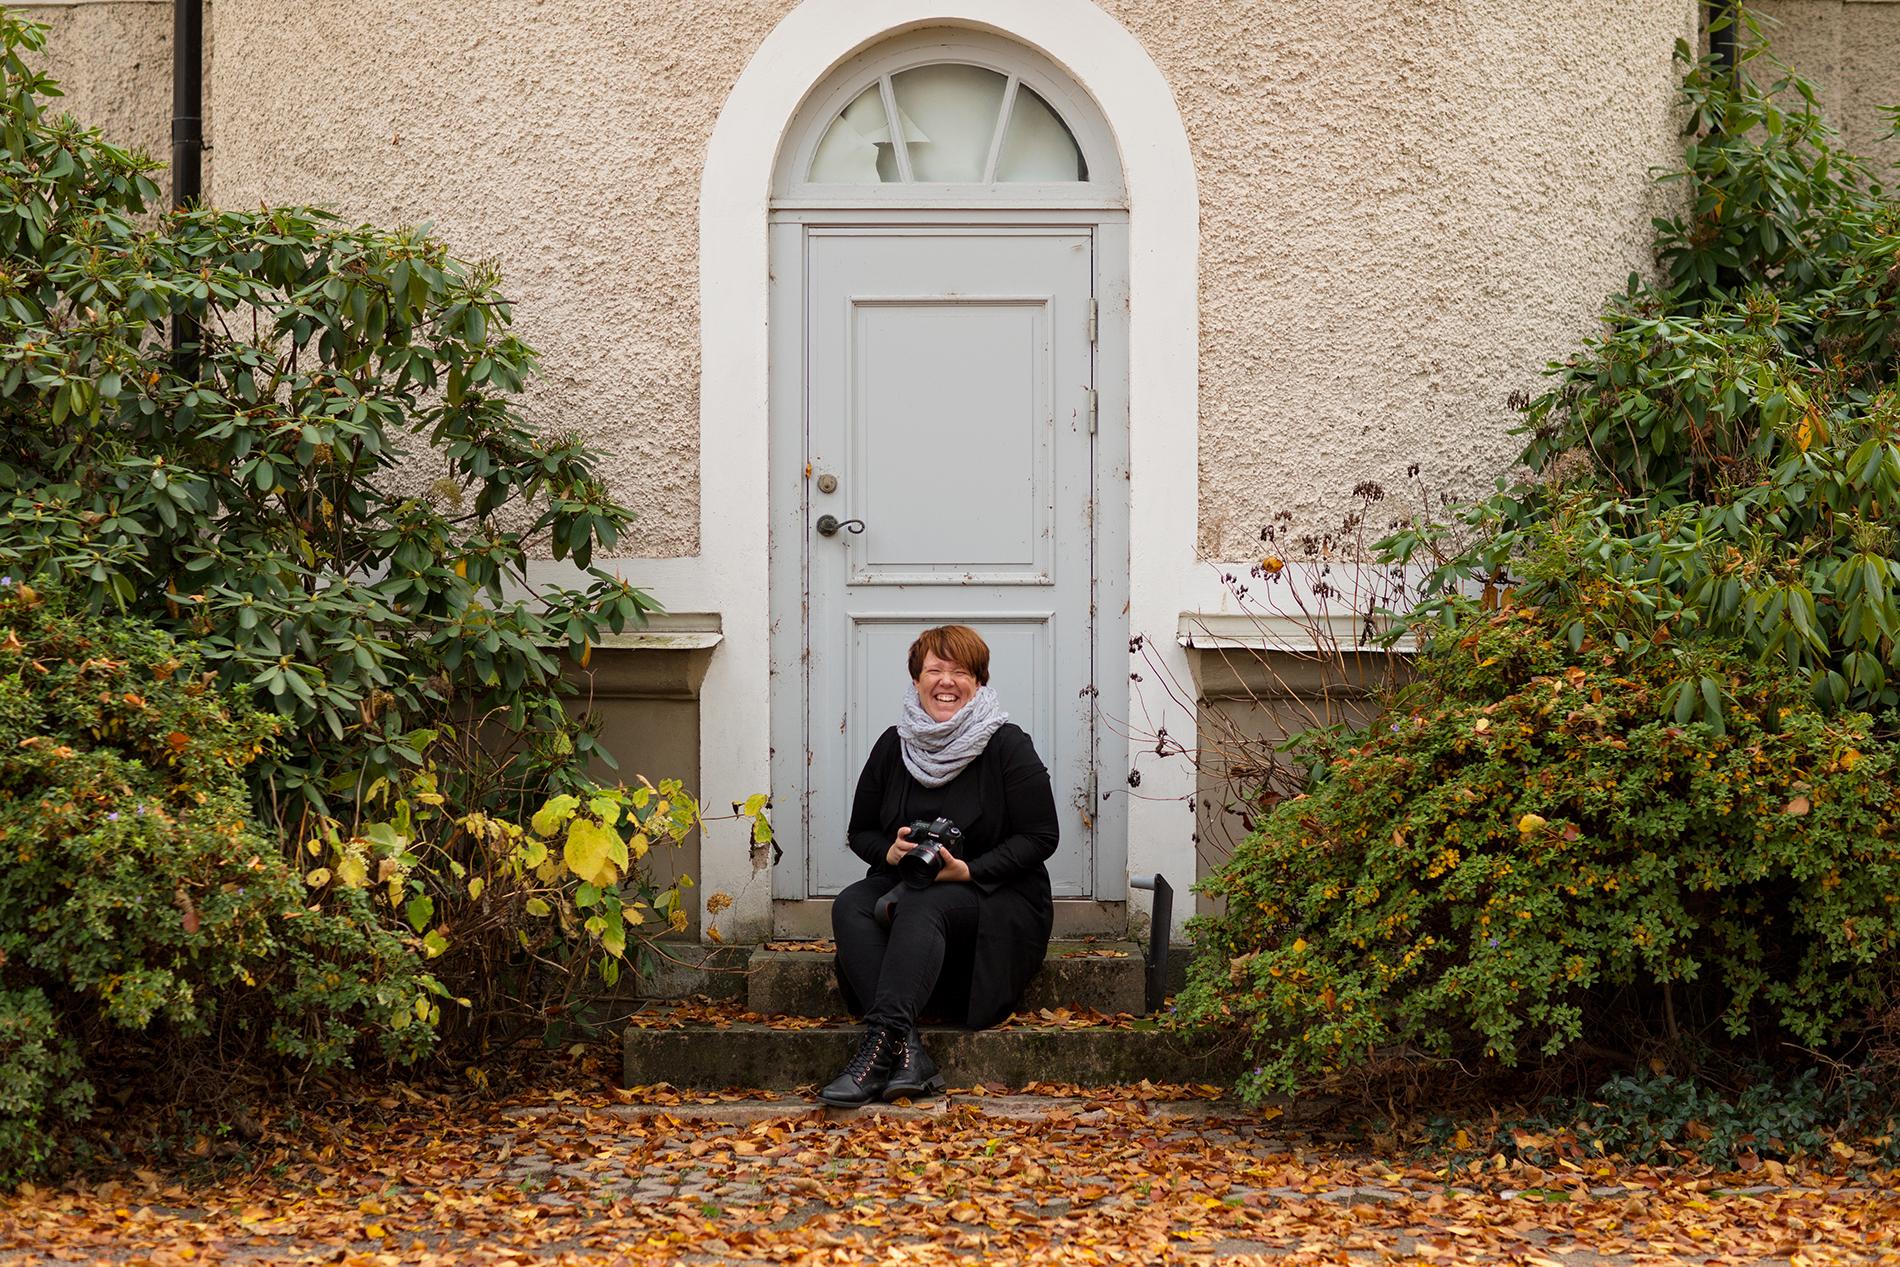 emmelifoto by emmeli orrefjord gravdifotograf stockholm motala Linköping Jönköping örebro fotograf unik upplevelse fine art